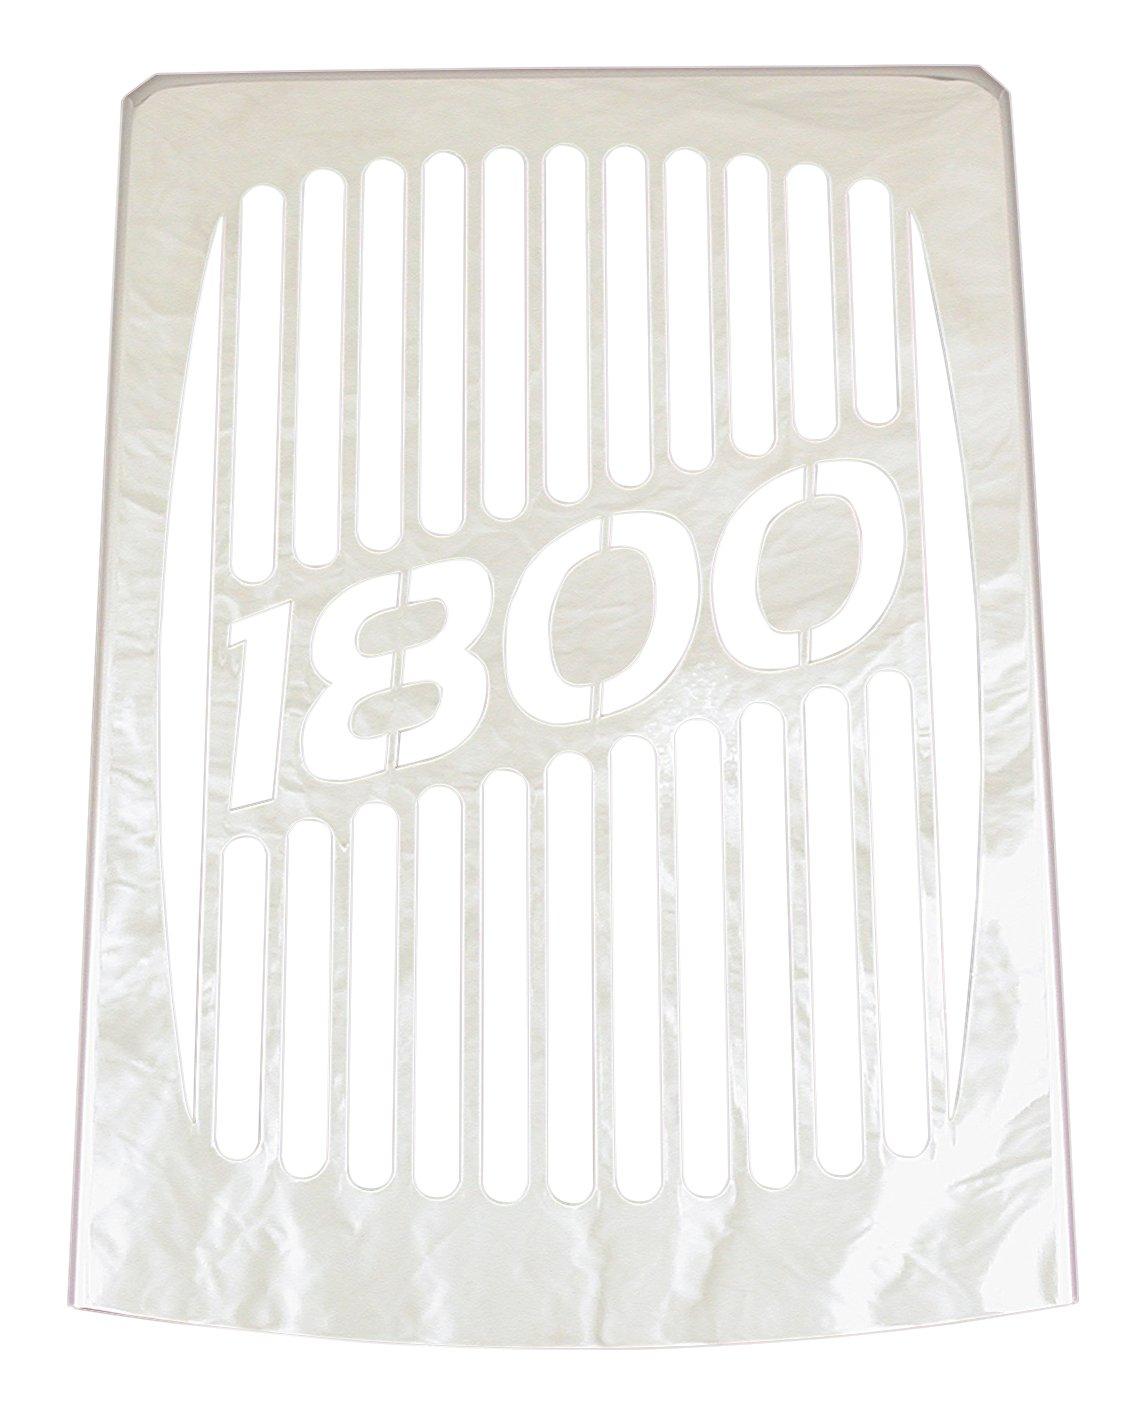 H.a.c. Products ラジエーターガード クローム SUZUKI C1800R イントルーダー 9009   B06X1FBR4M